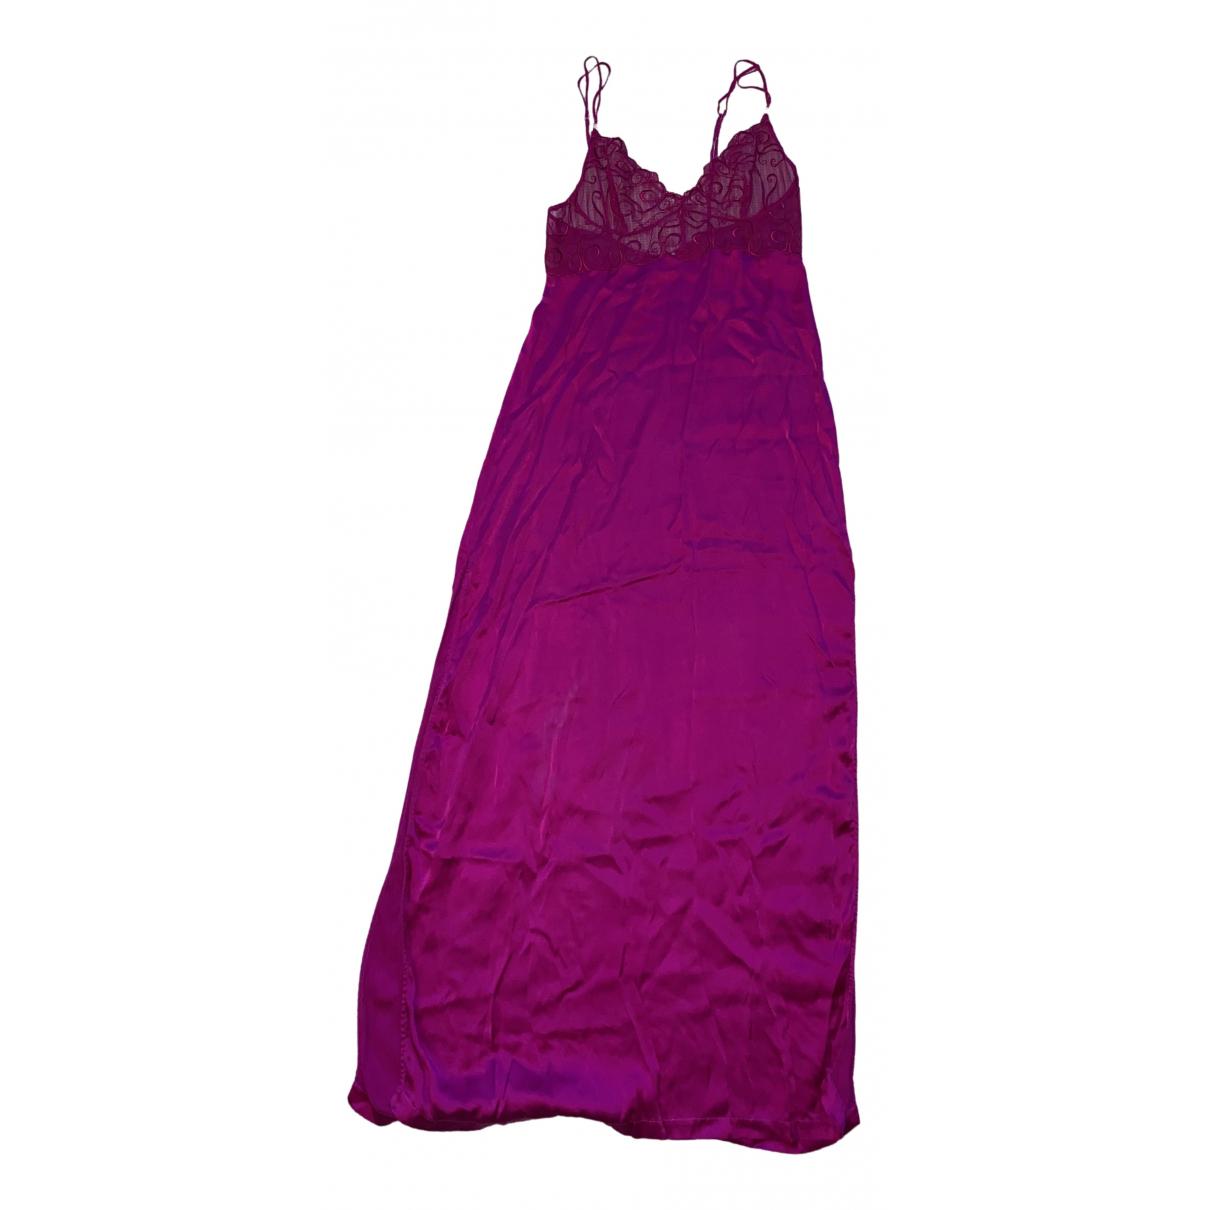 La Perla \N Pink Silk dress for Women 38 FR